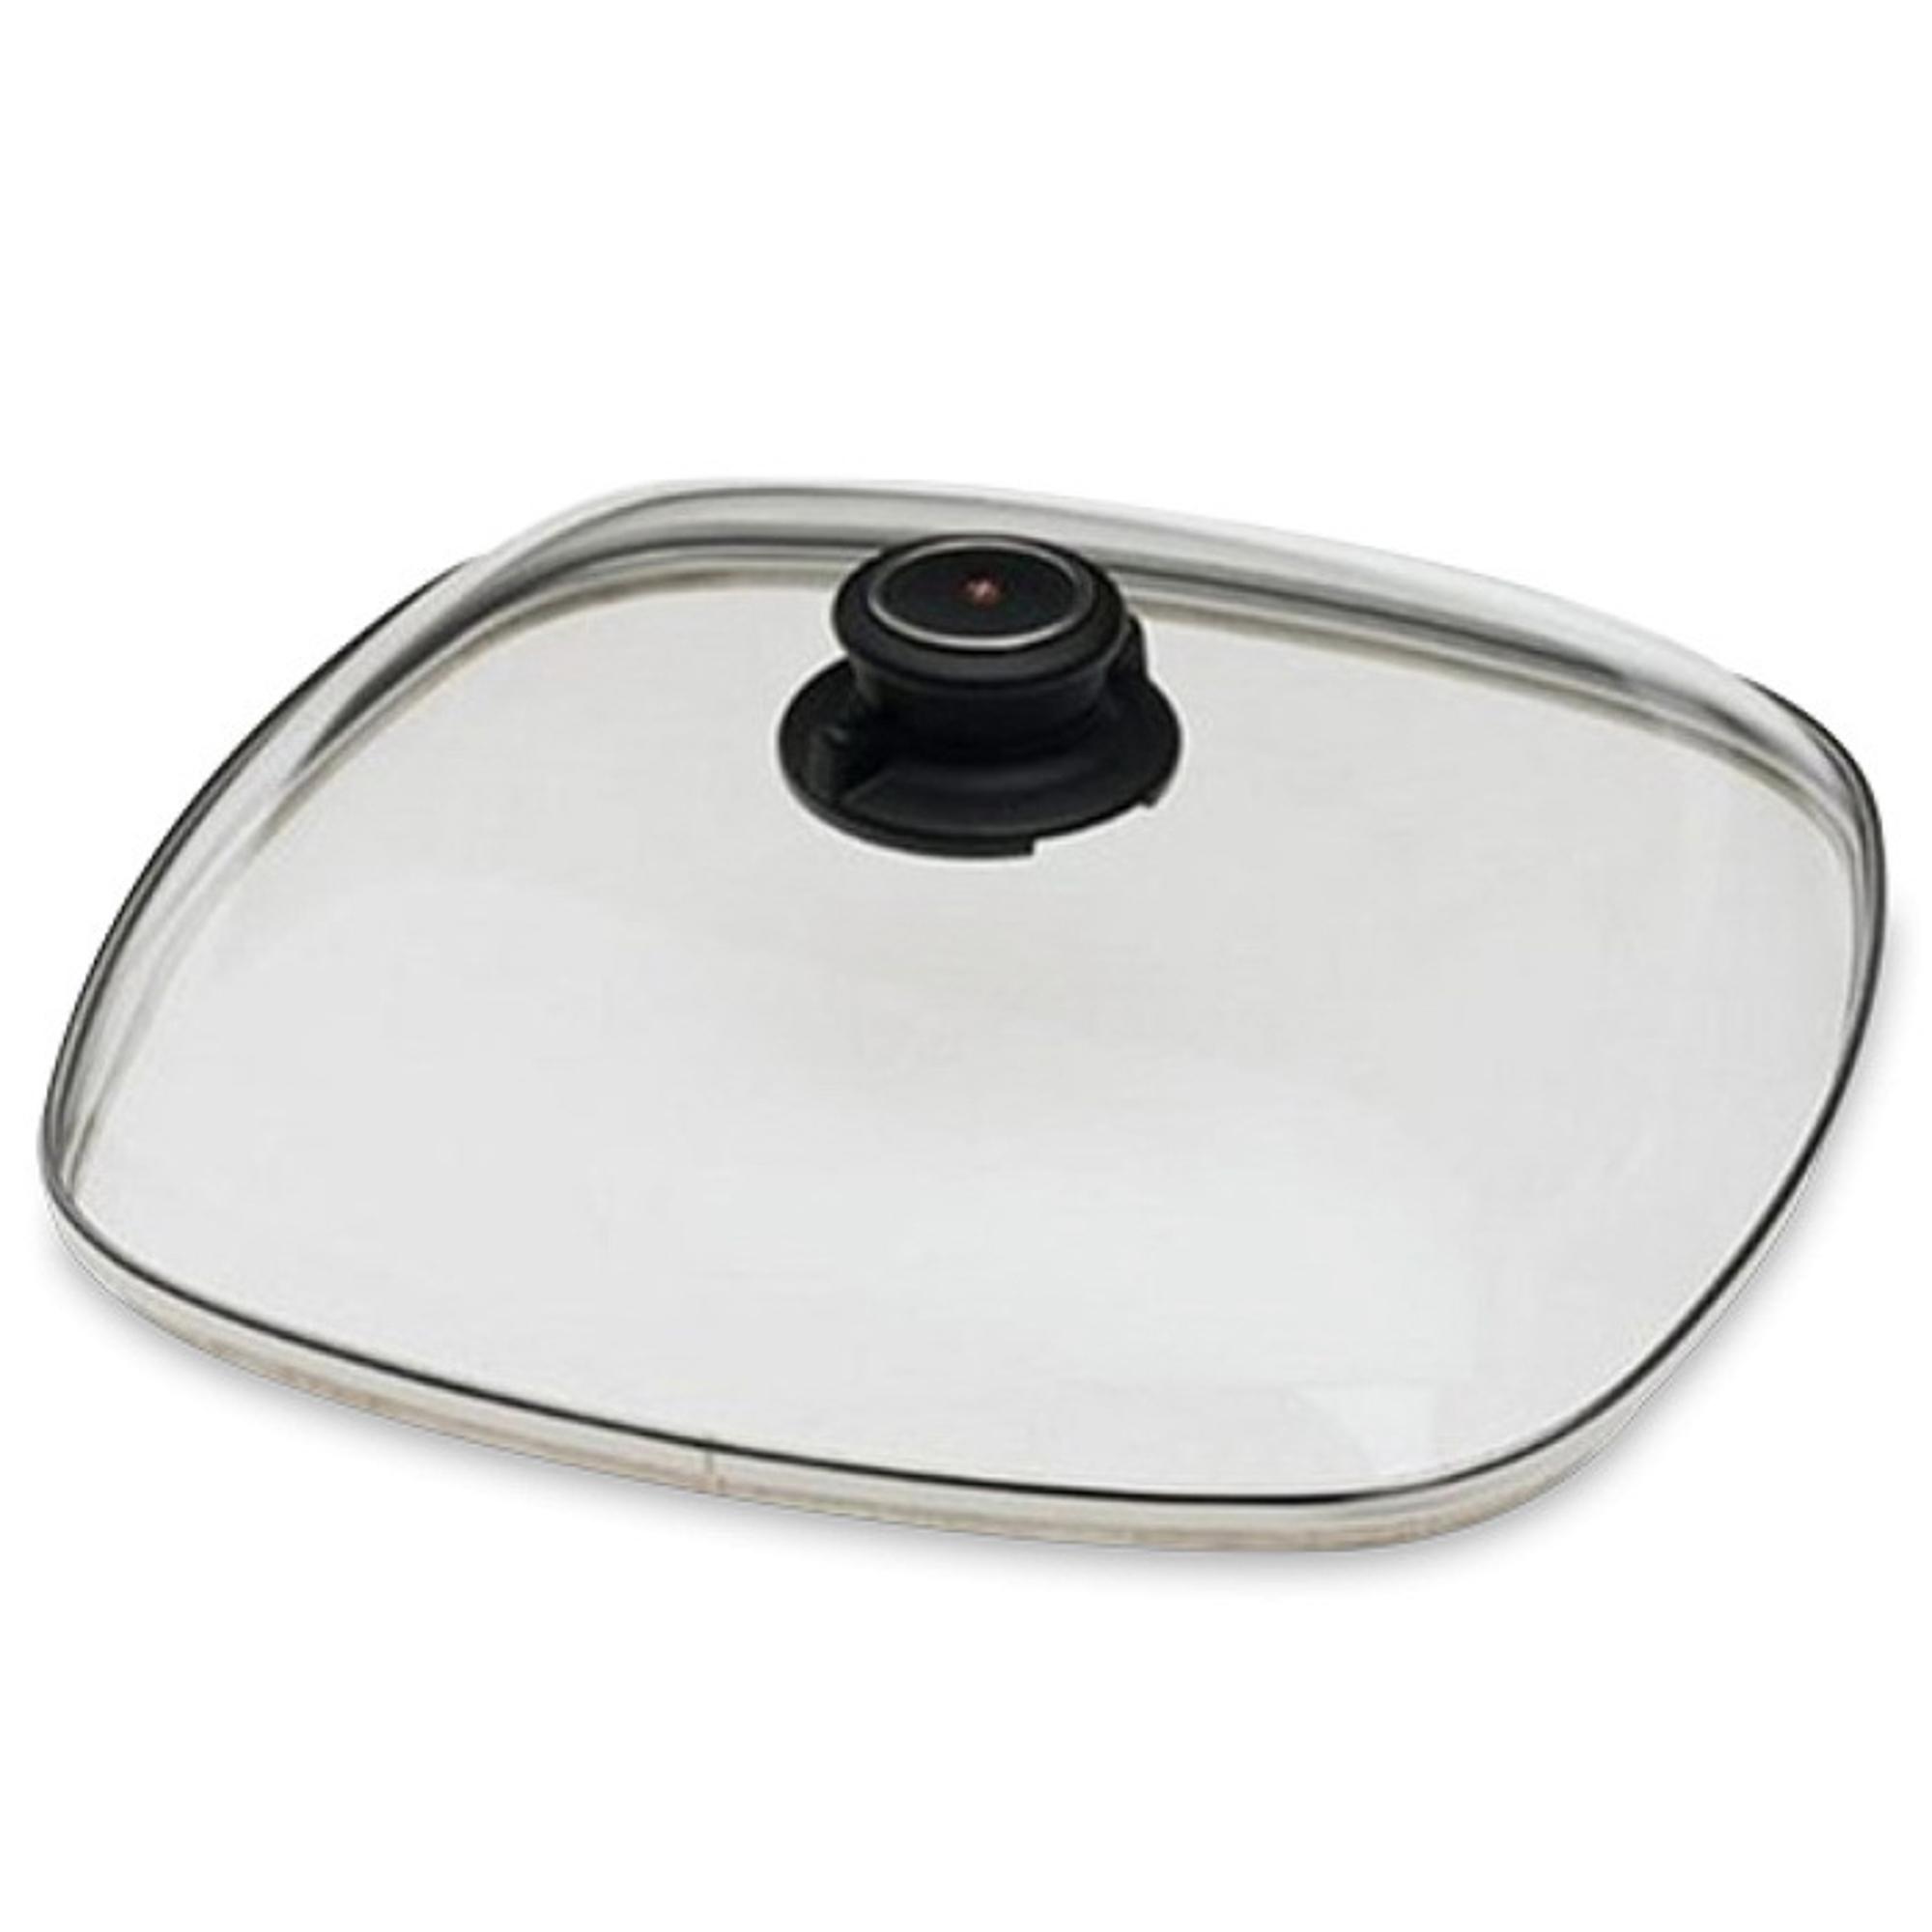 Крышка стеклянная Amt квадратная 26x26 см